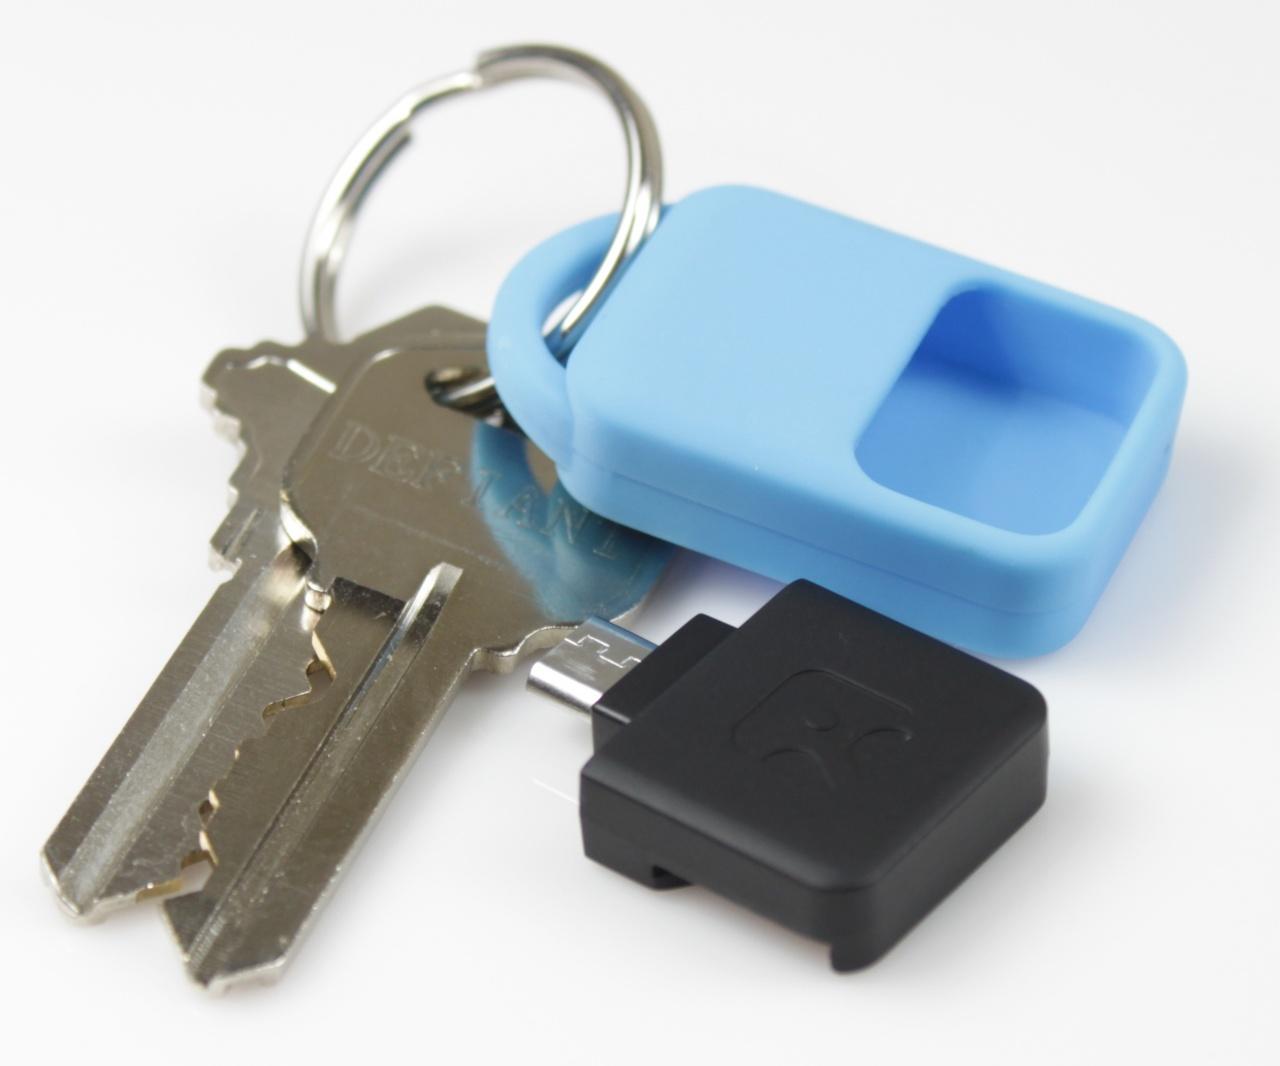 Dash Micro by Meenova, the all new Mini MicroSD Reader